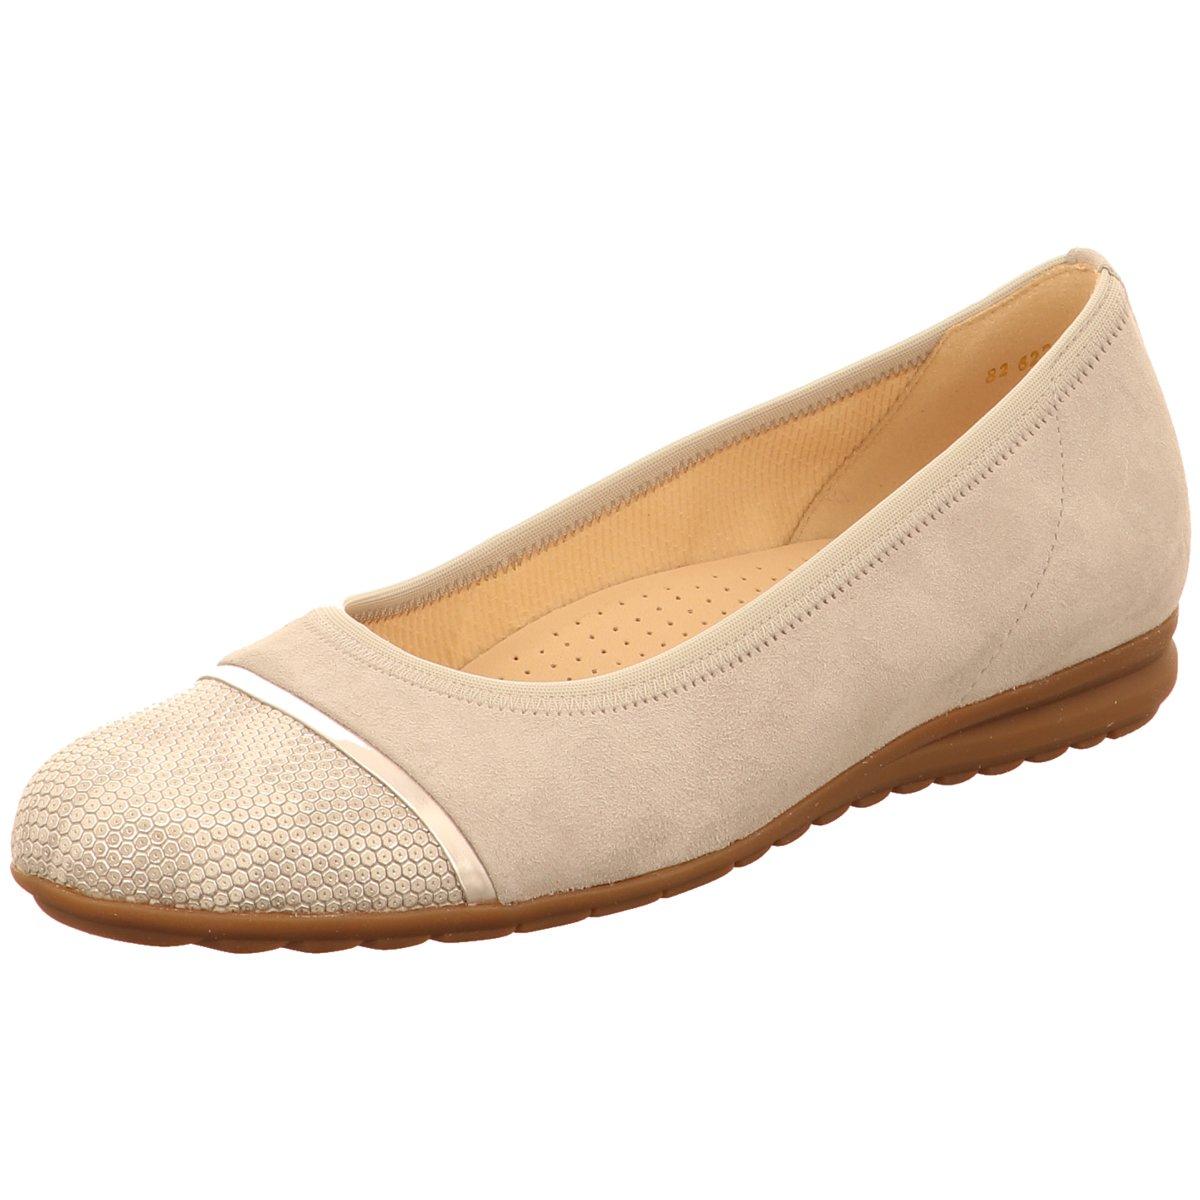 Details zu Gabor Damen Ballerinas 82.622 40 florenz beige 405642